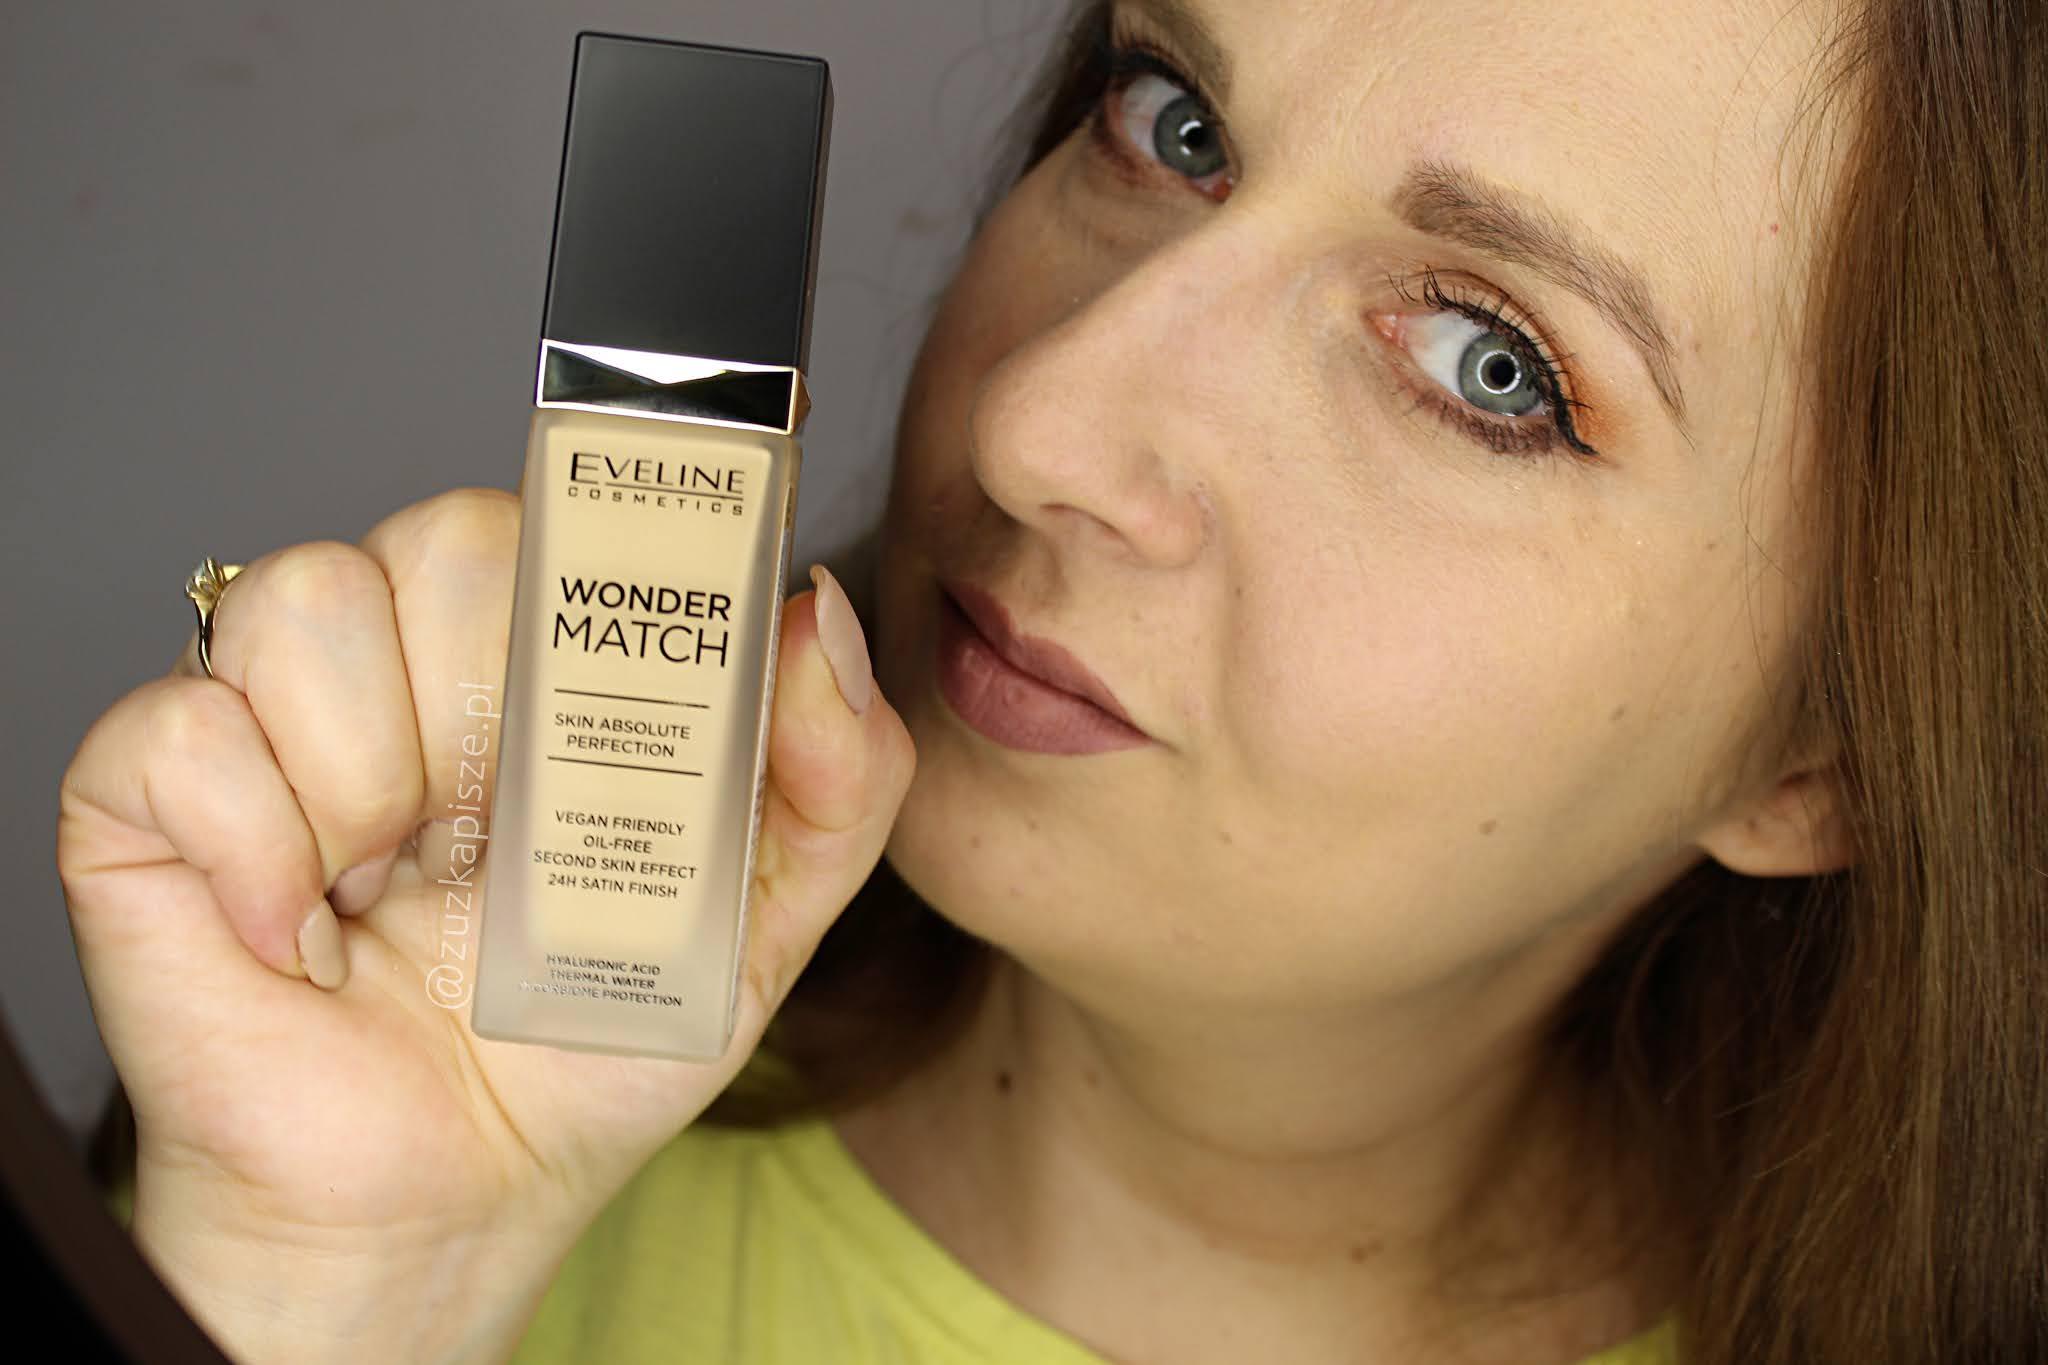 NOWOŚĆ! Eveline Wonder Match - Luksusowy podkład dopasowujący się do odcienia i struktury skóry